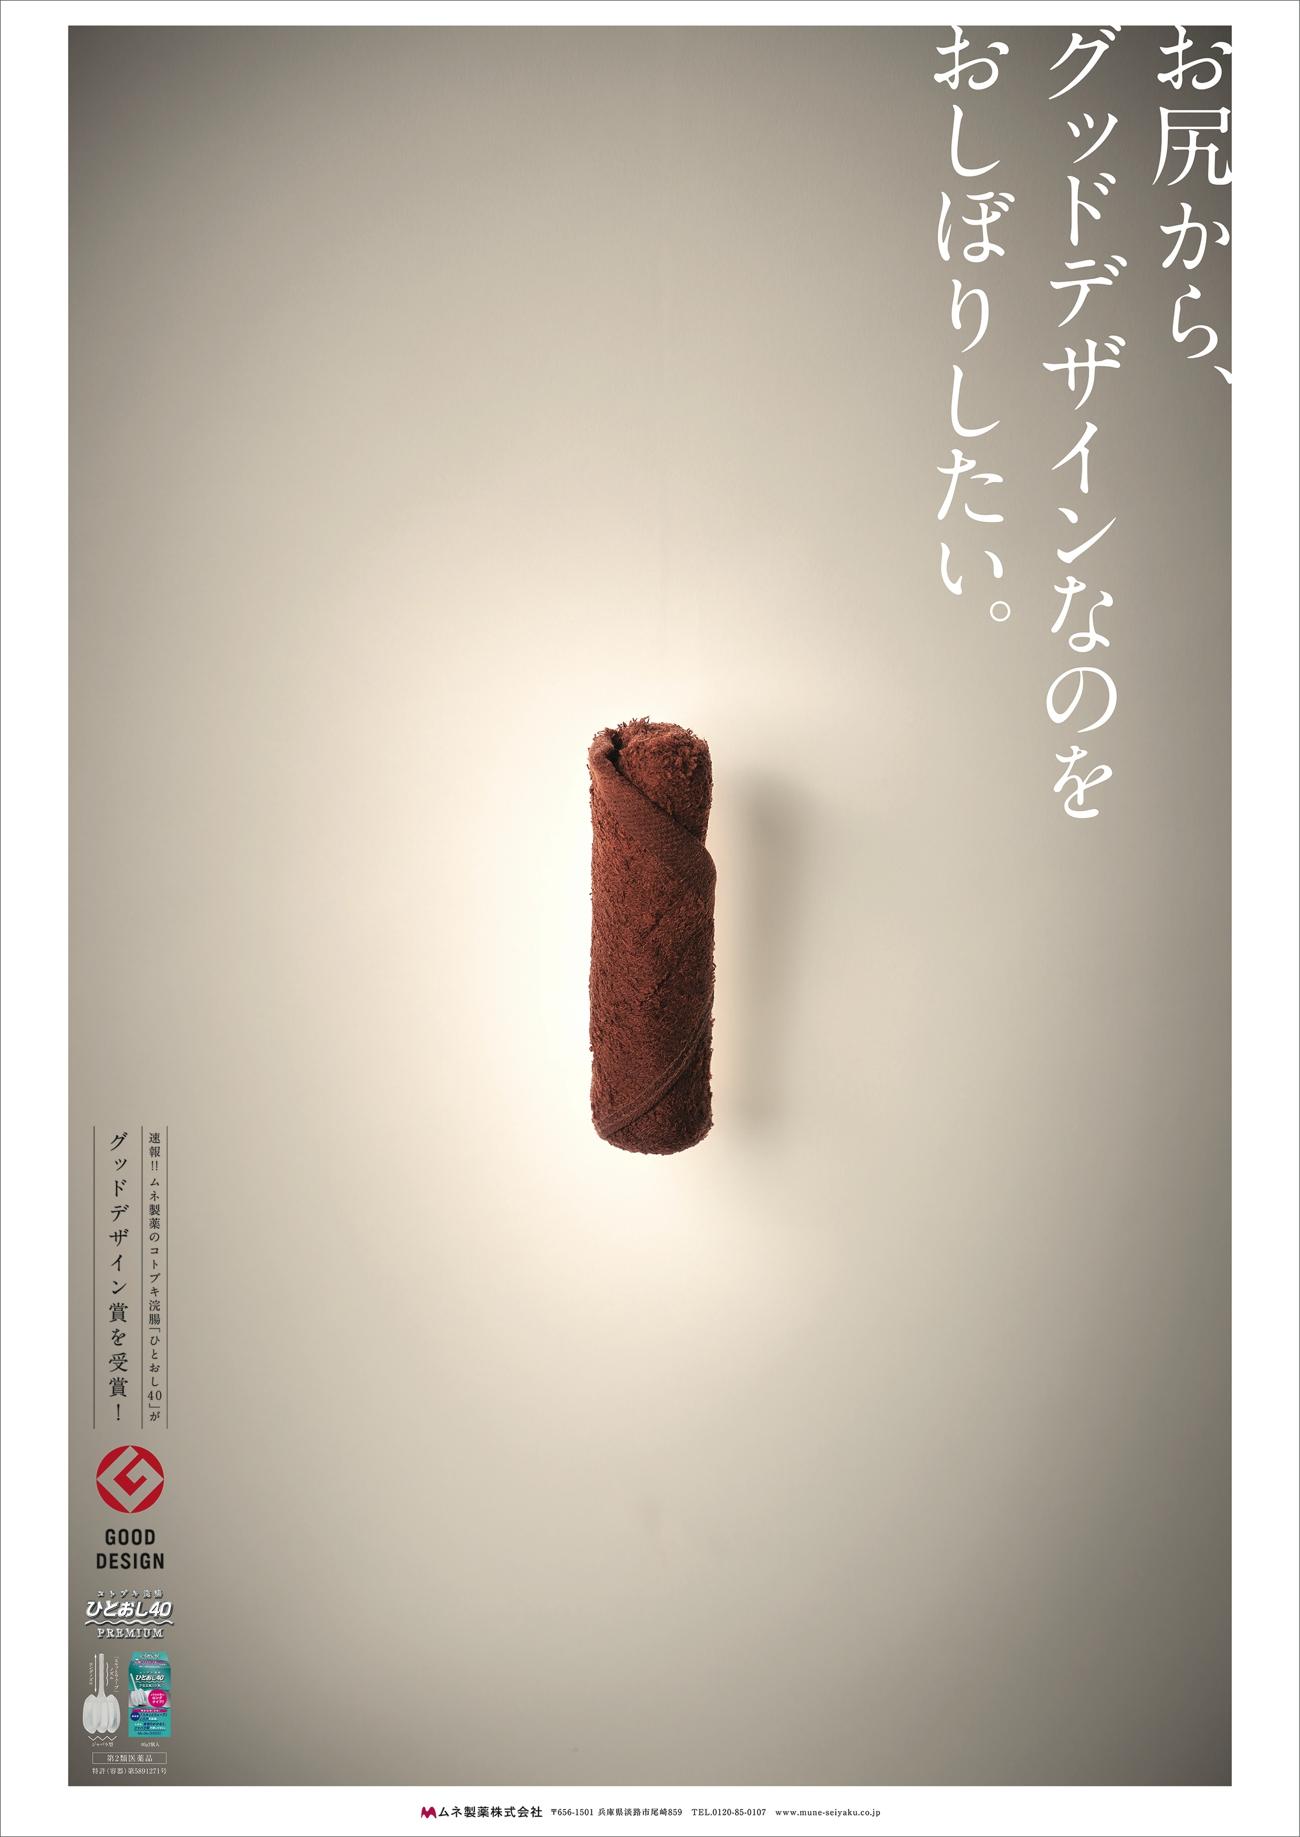 おしぼりB2ポスターコマフォト